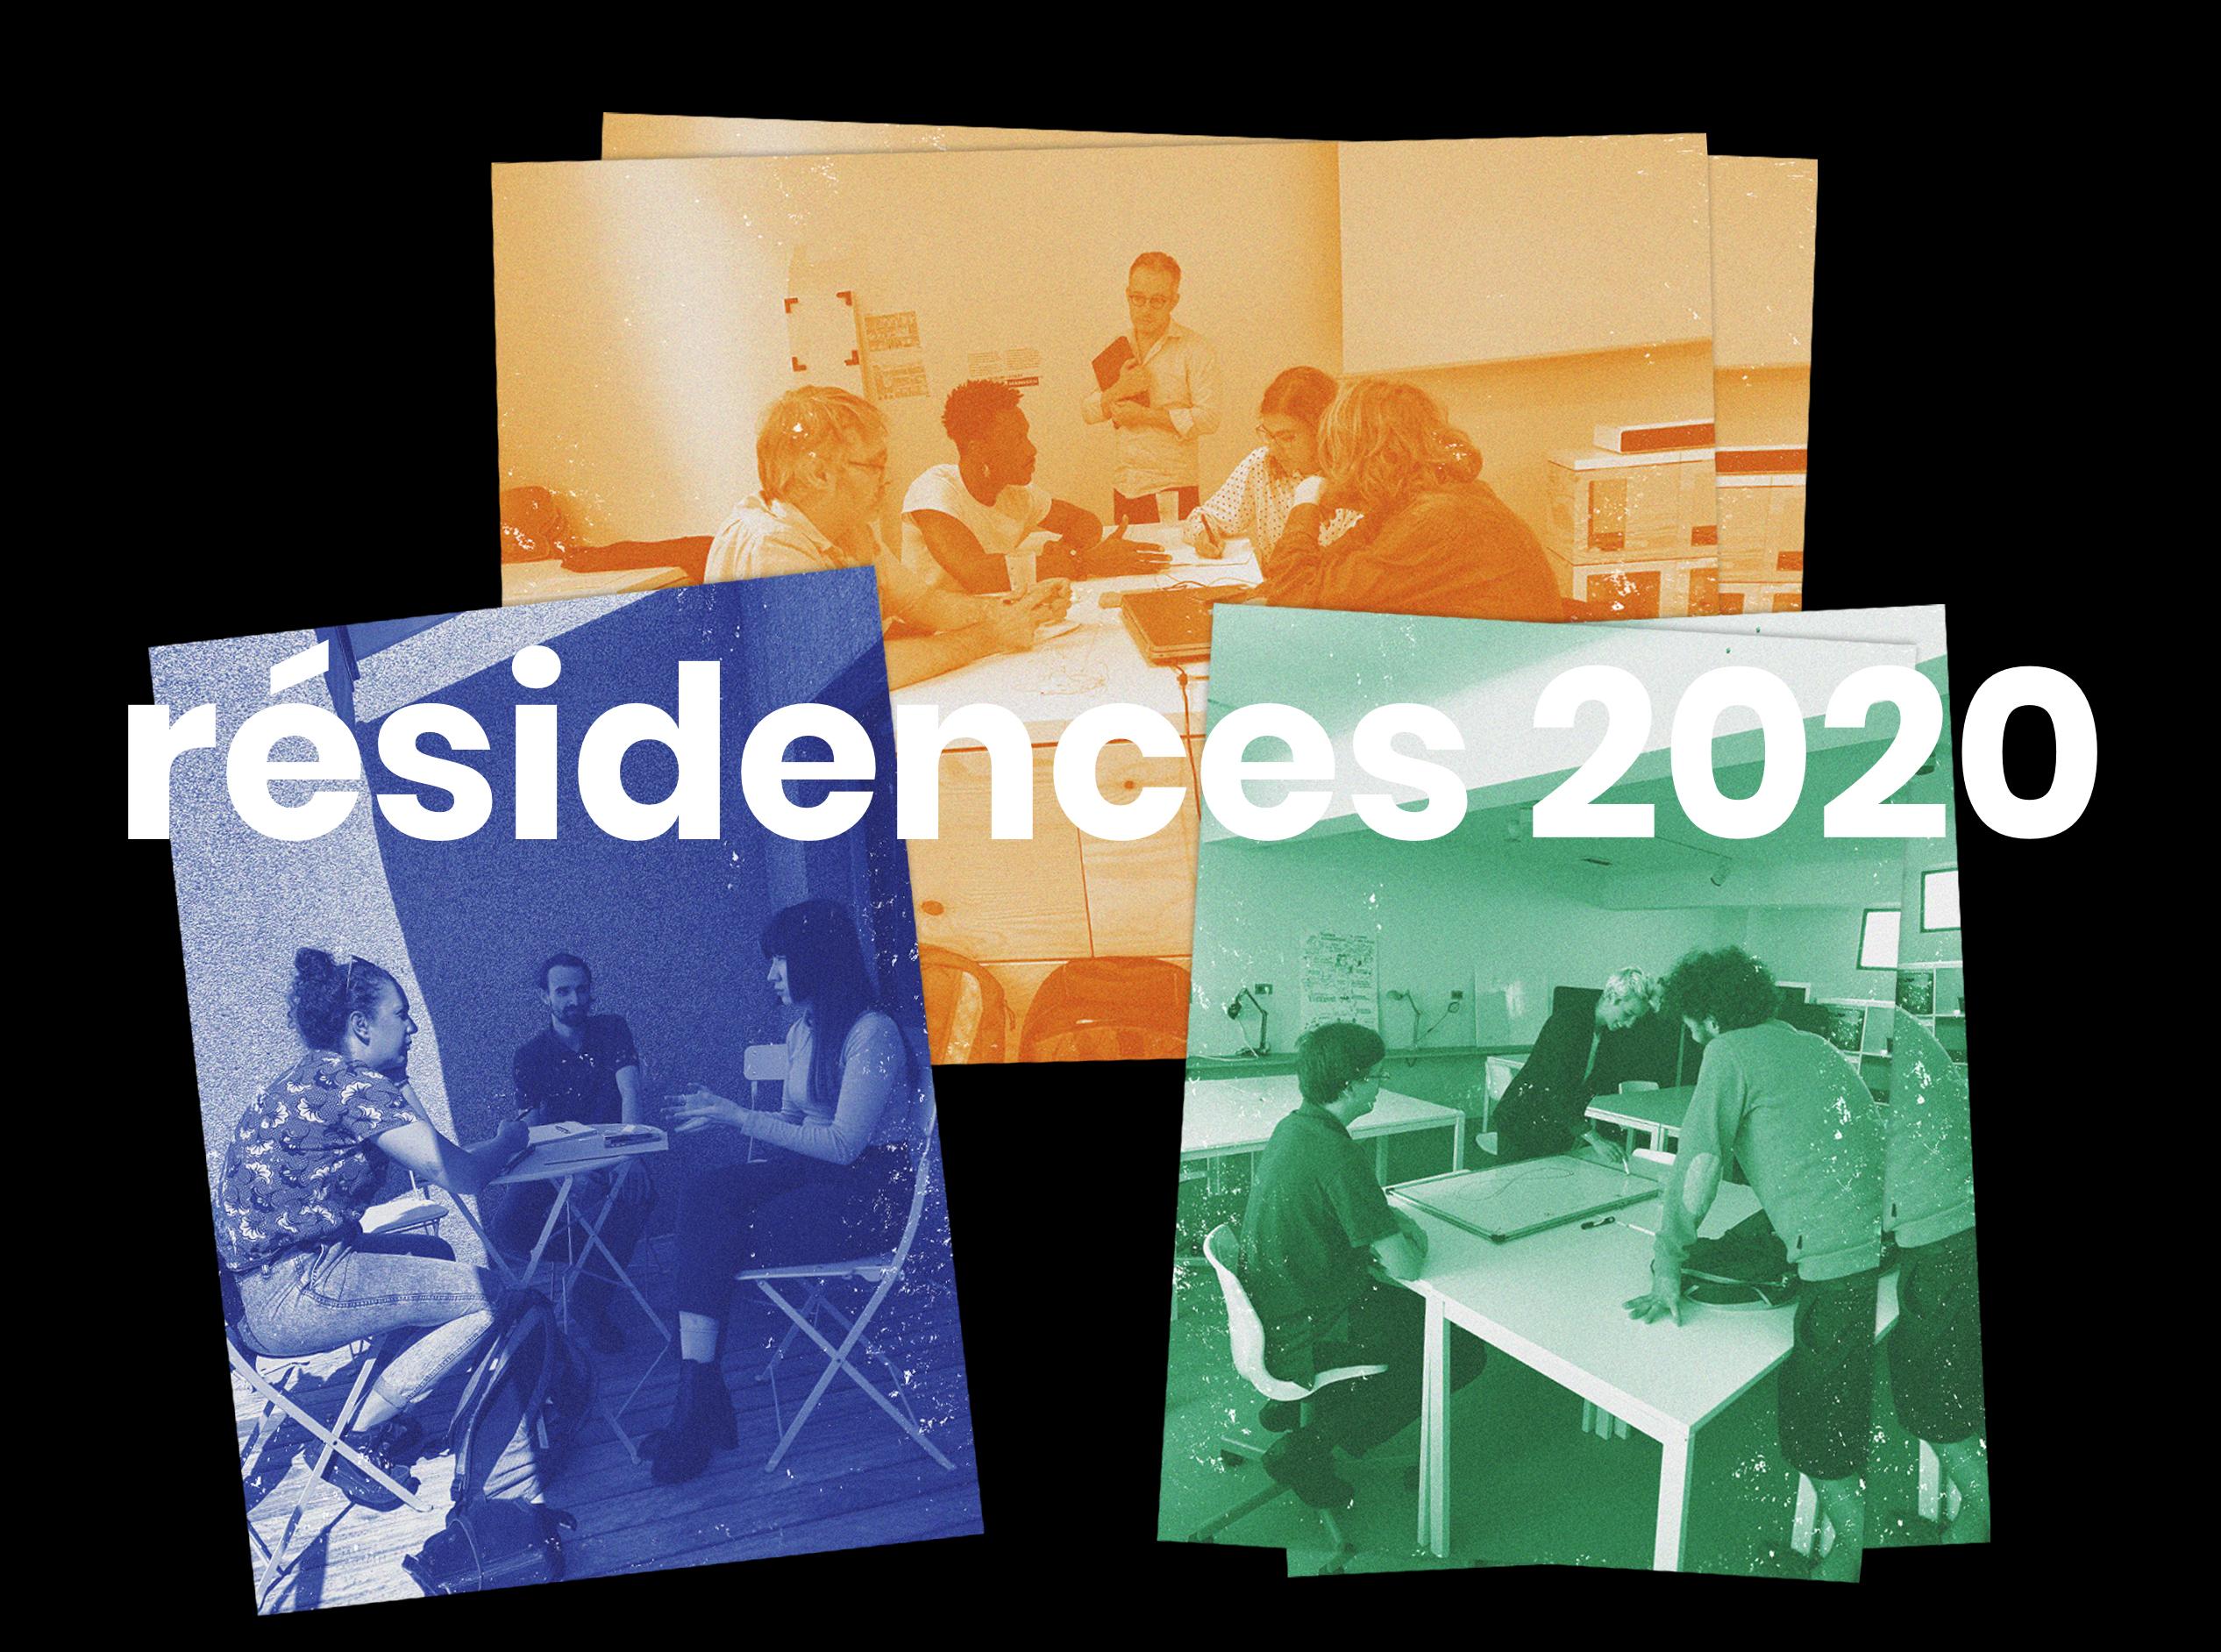 résidences2020